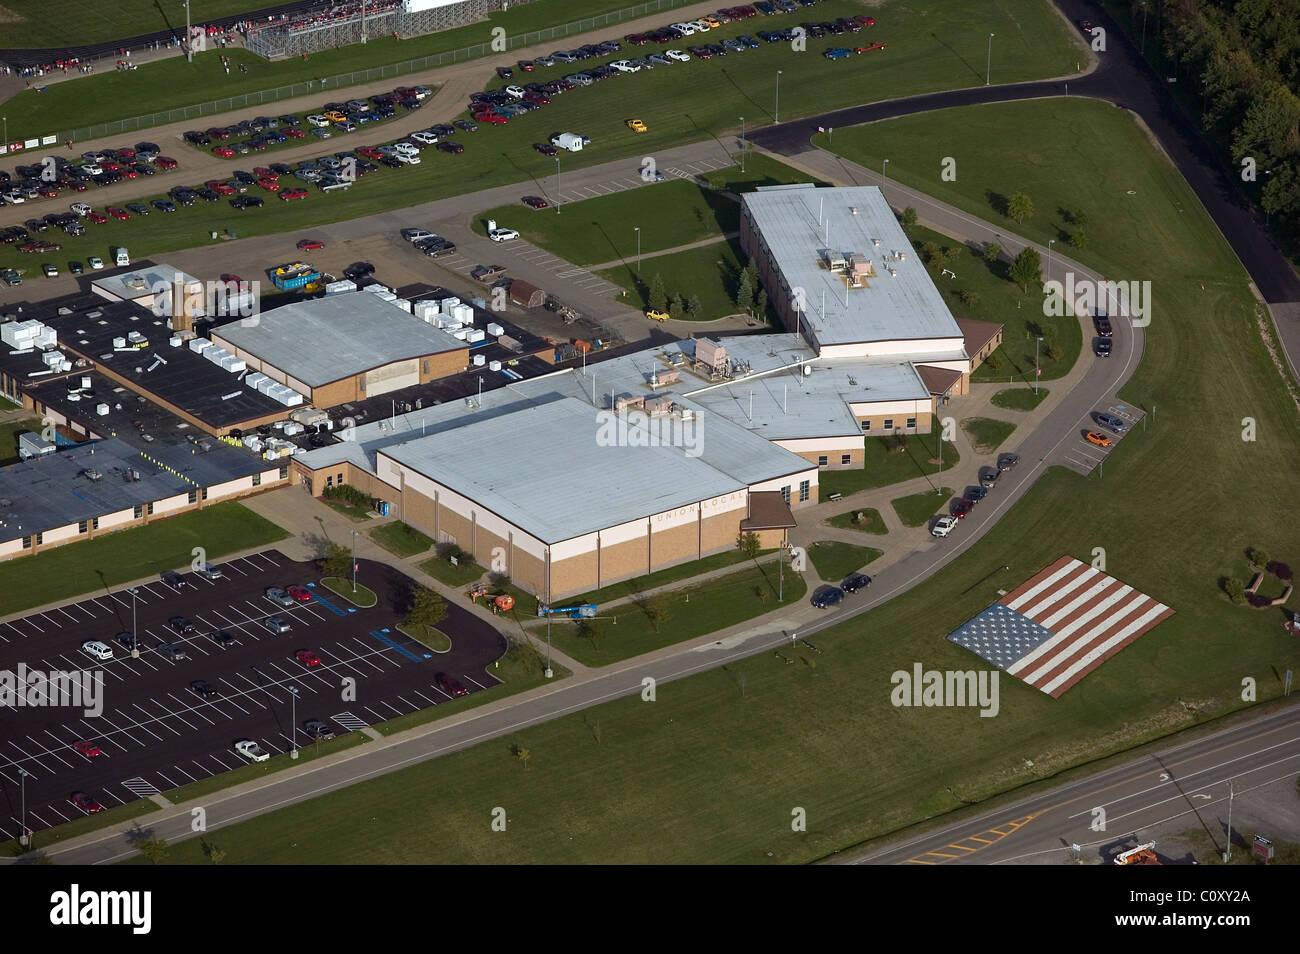 Vista aerea al di sopra degli edifici scolastici bandiera degli Stati Uniti d'America Immagini Stock